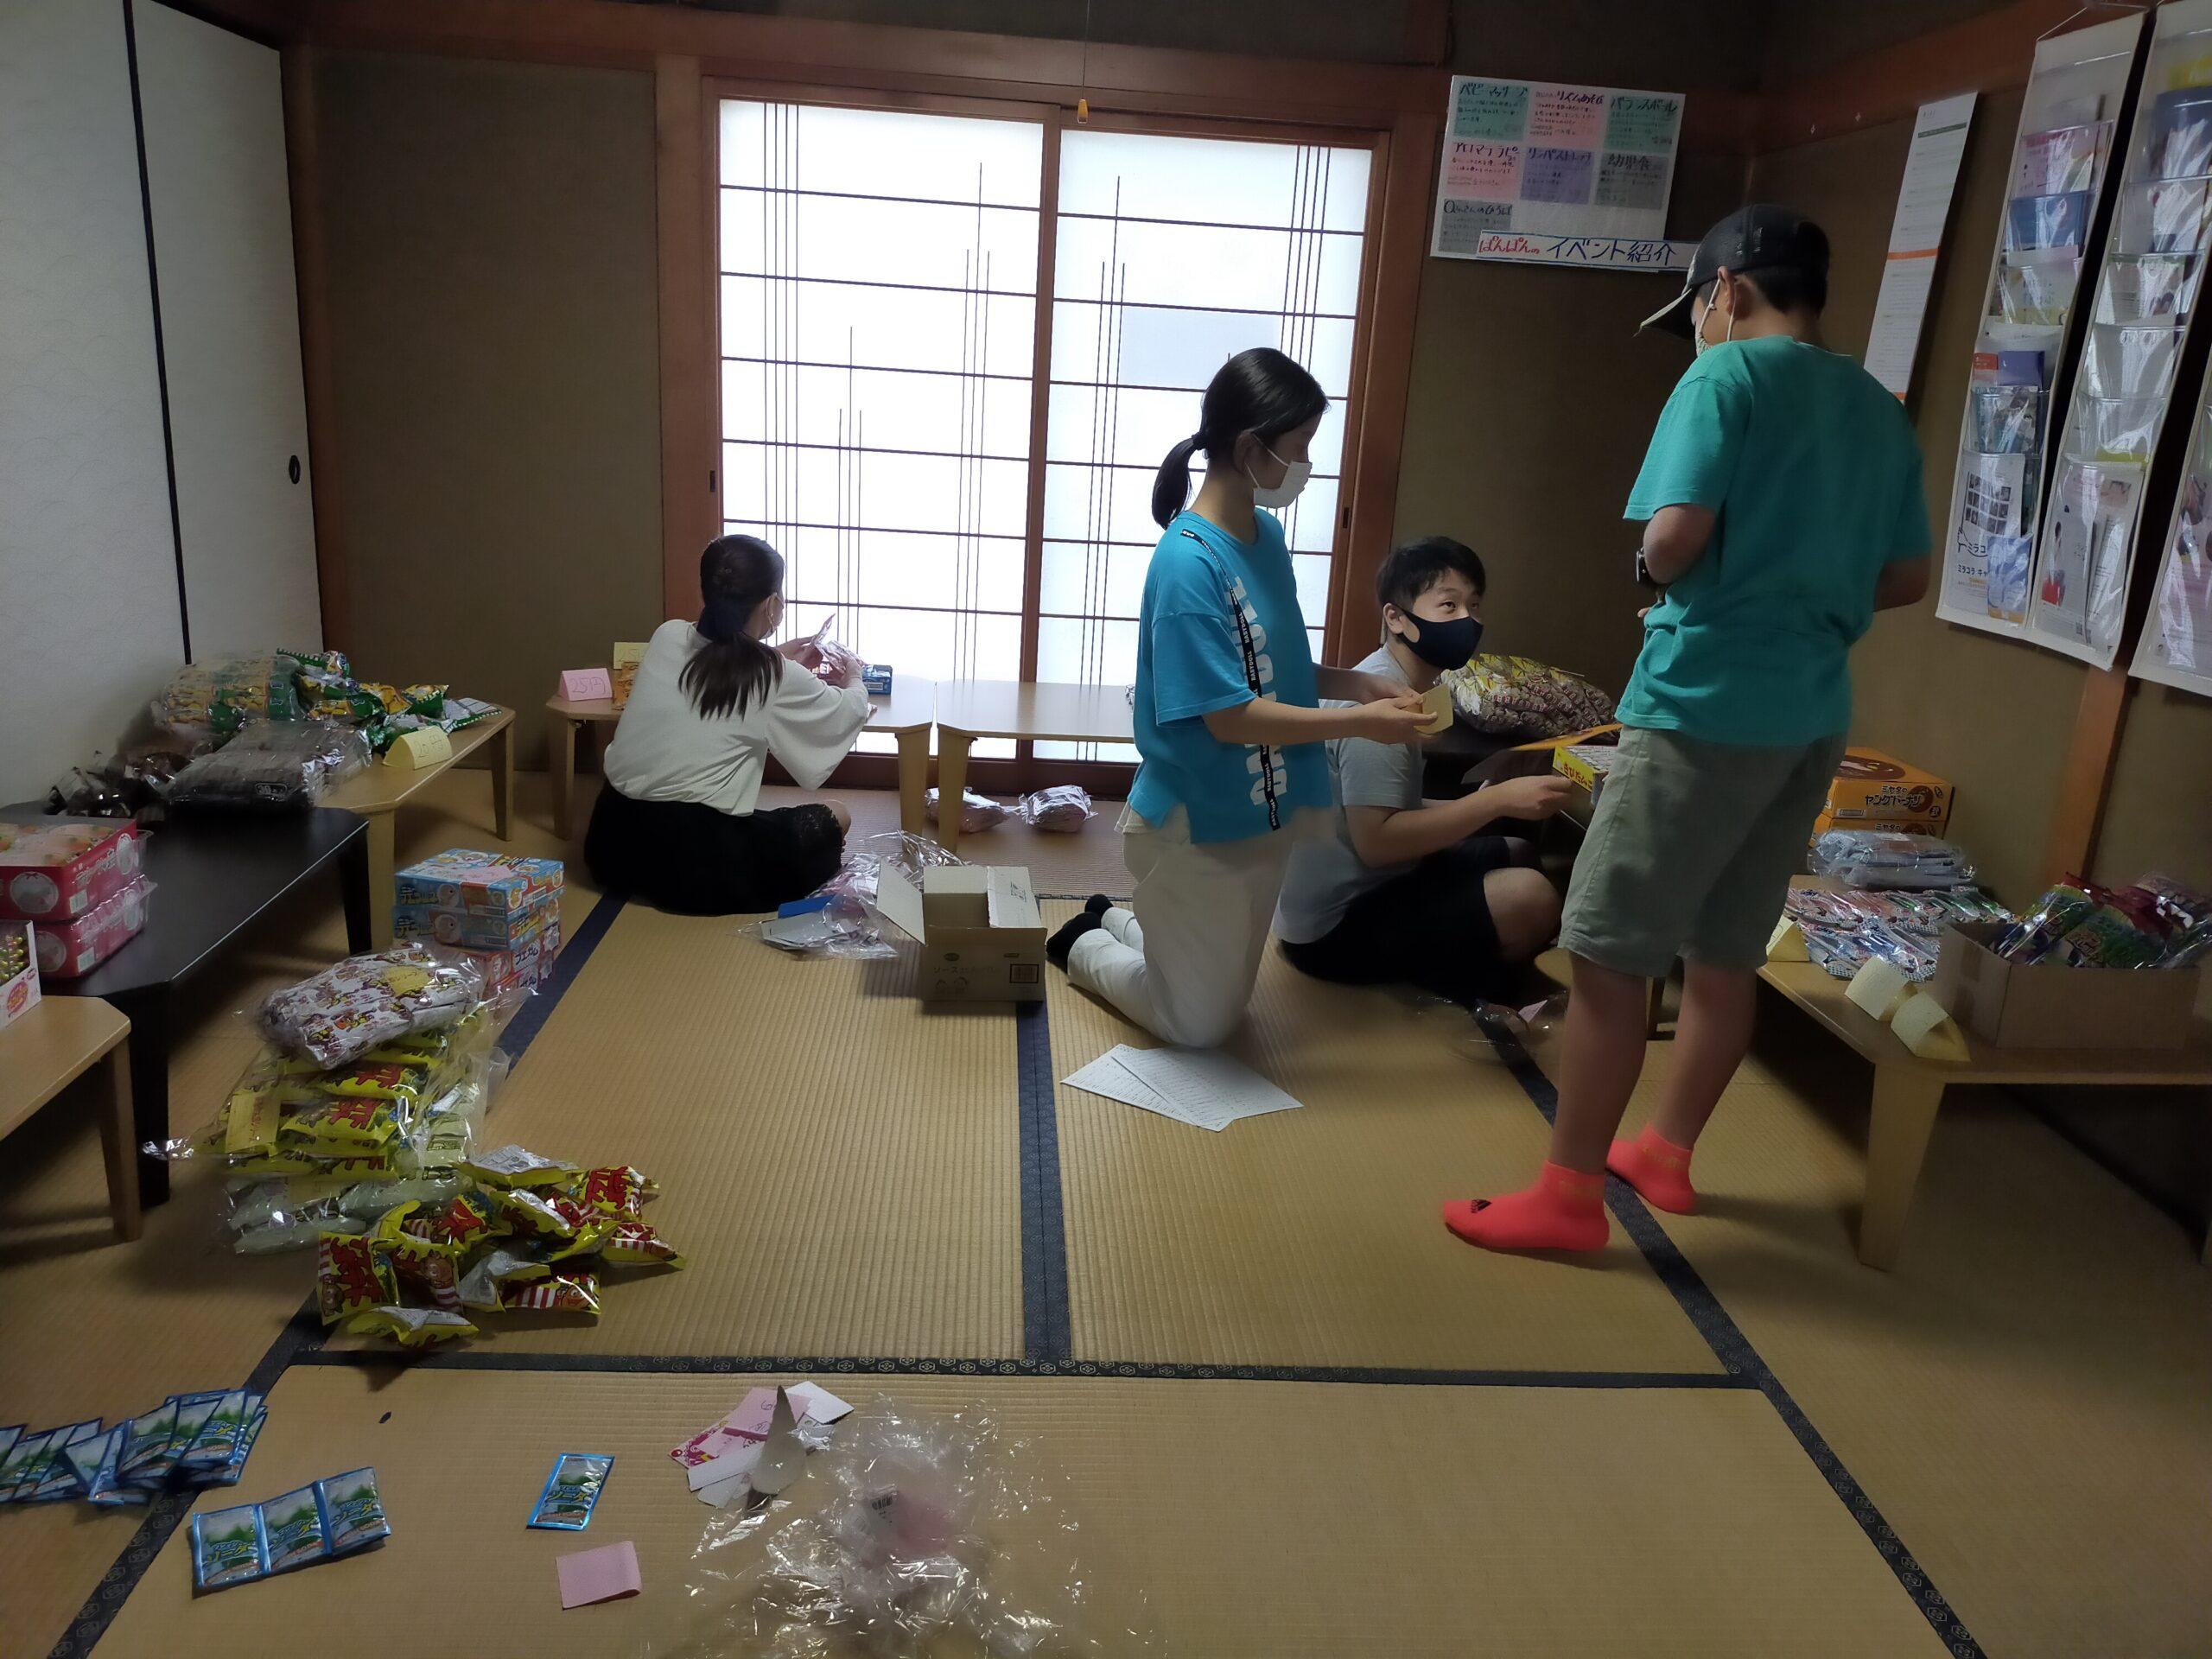 ぽんぽんの駄菓子屋さん 開催しました!